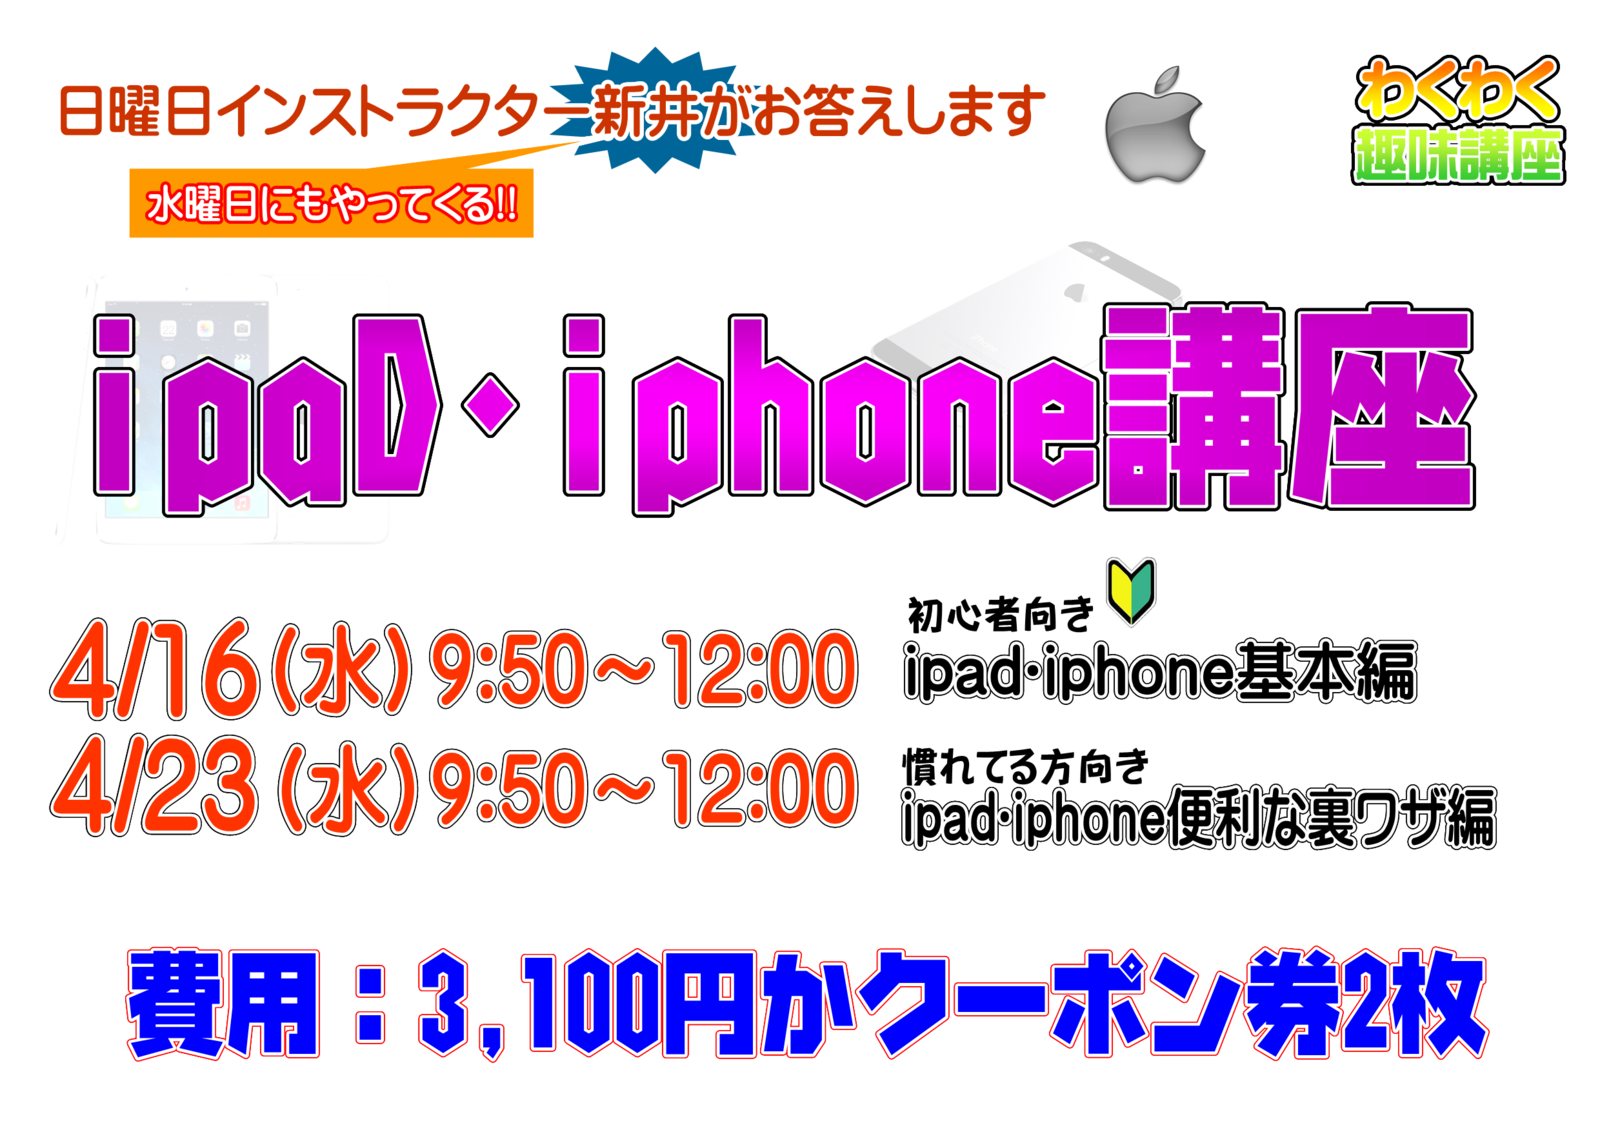 14041623ipadiphonewakuwaku